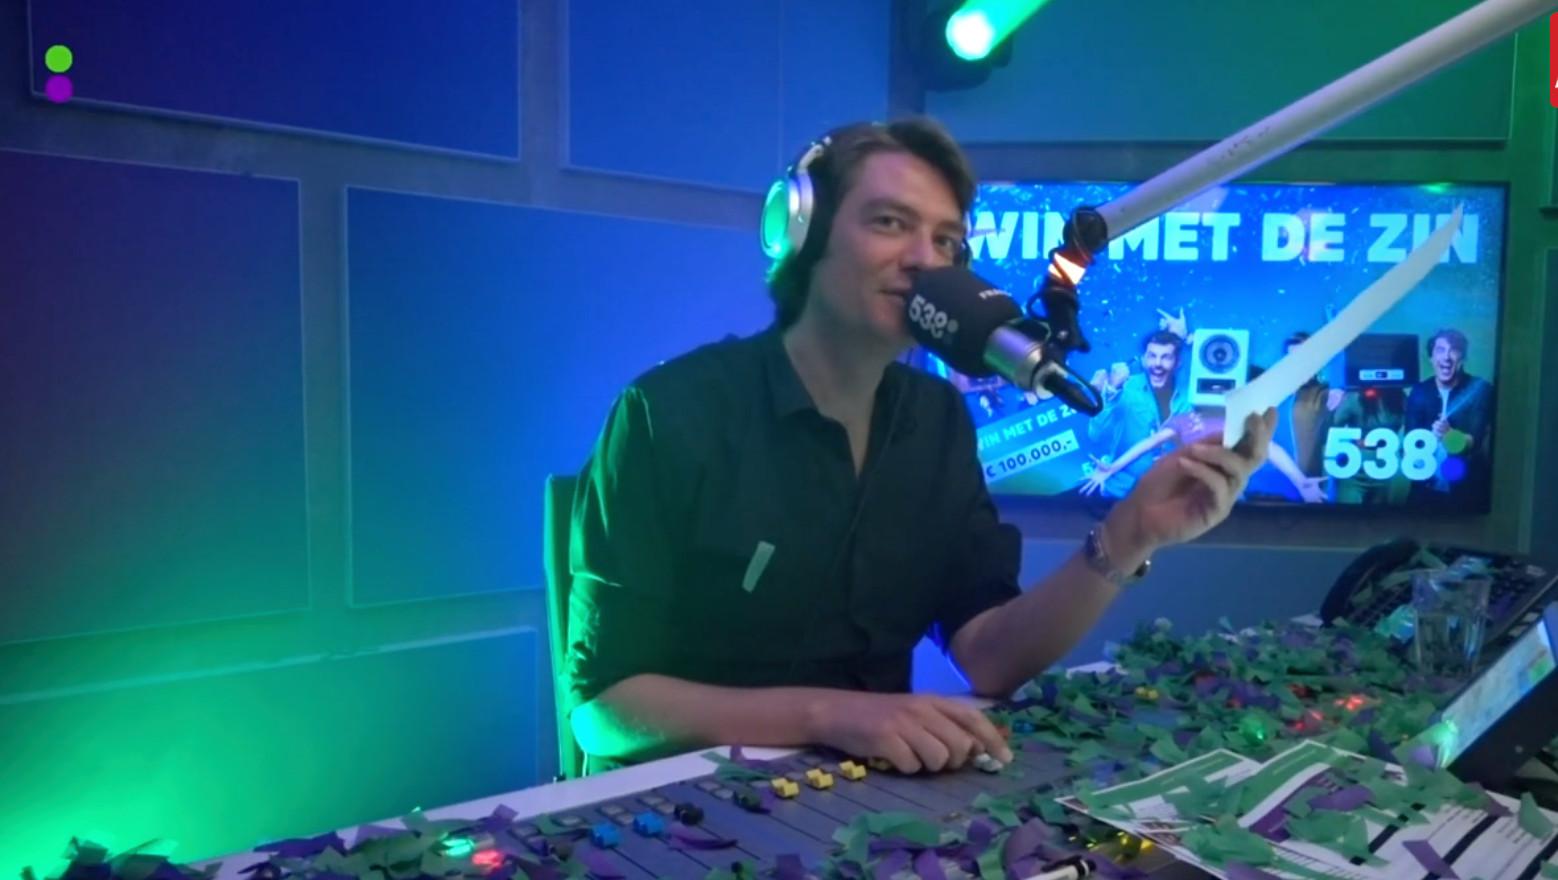 Frank Dane in de uitzending.